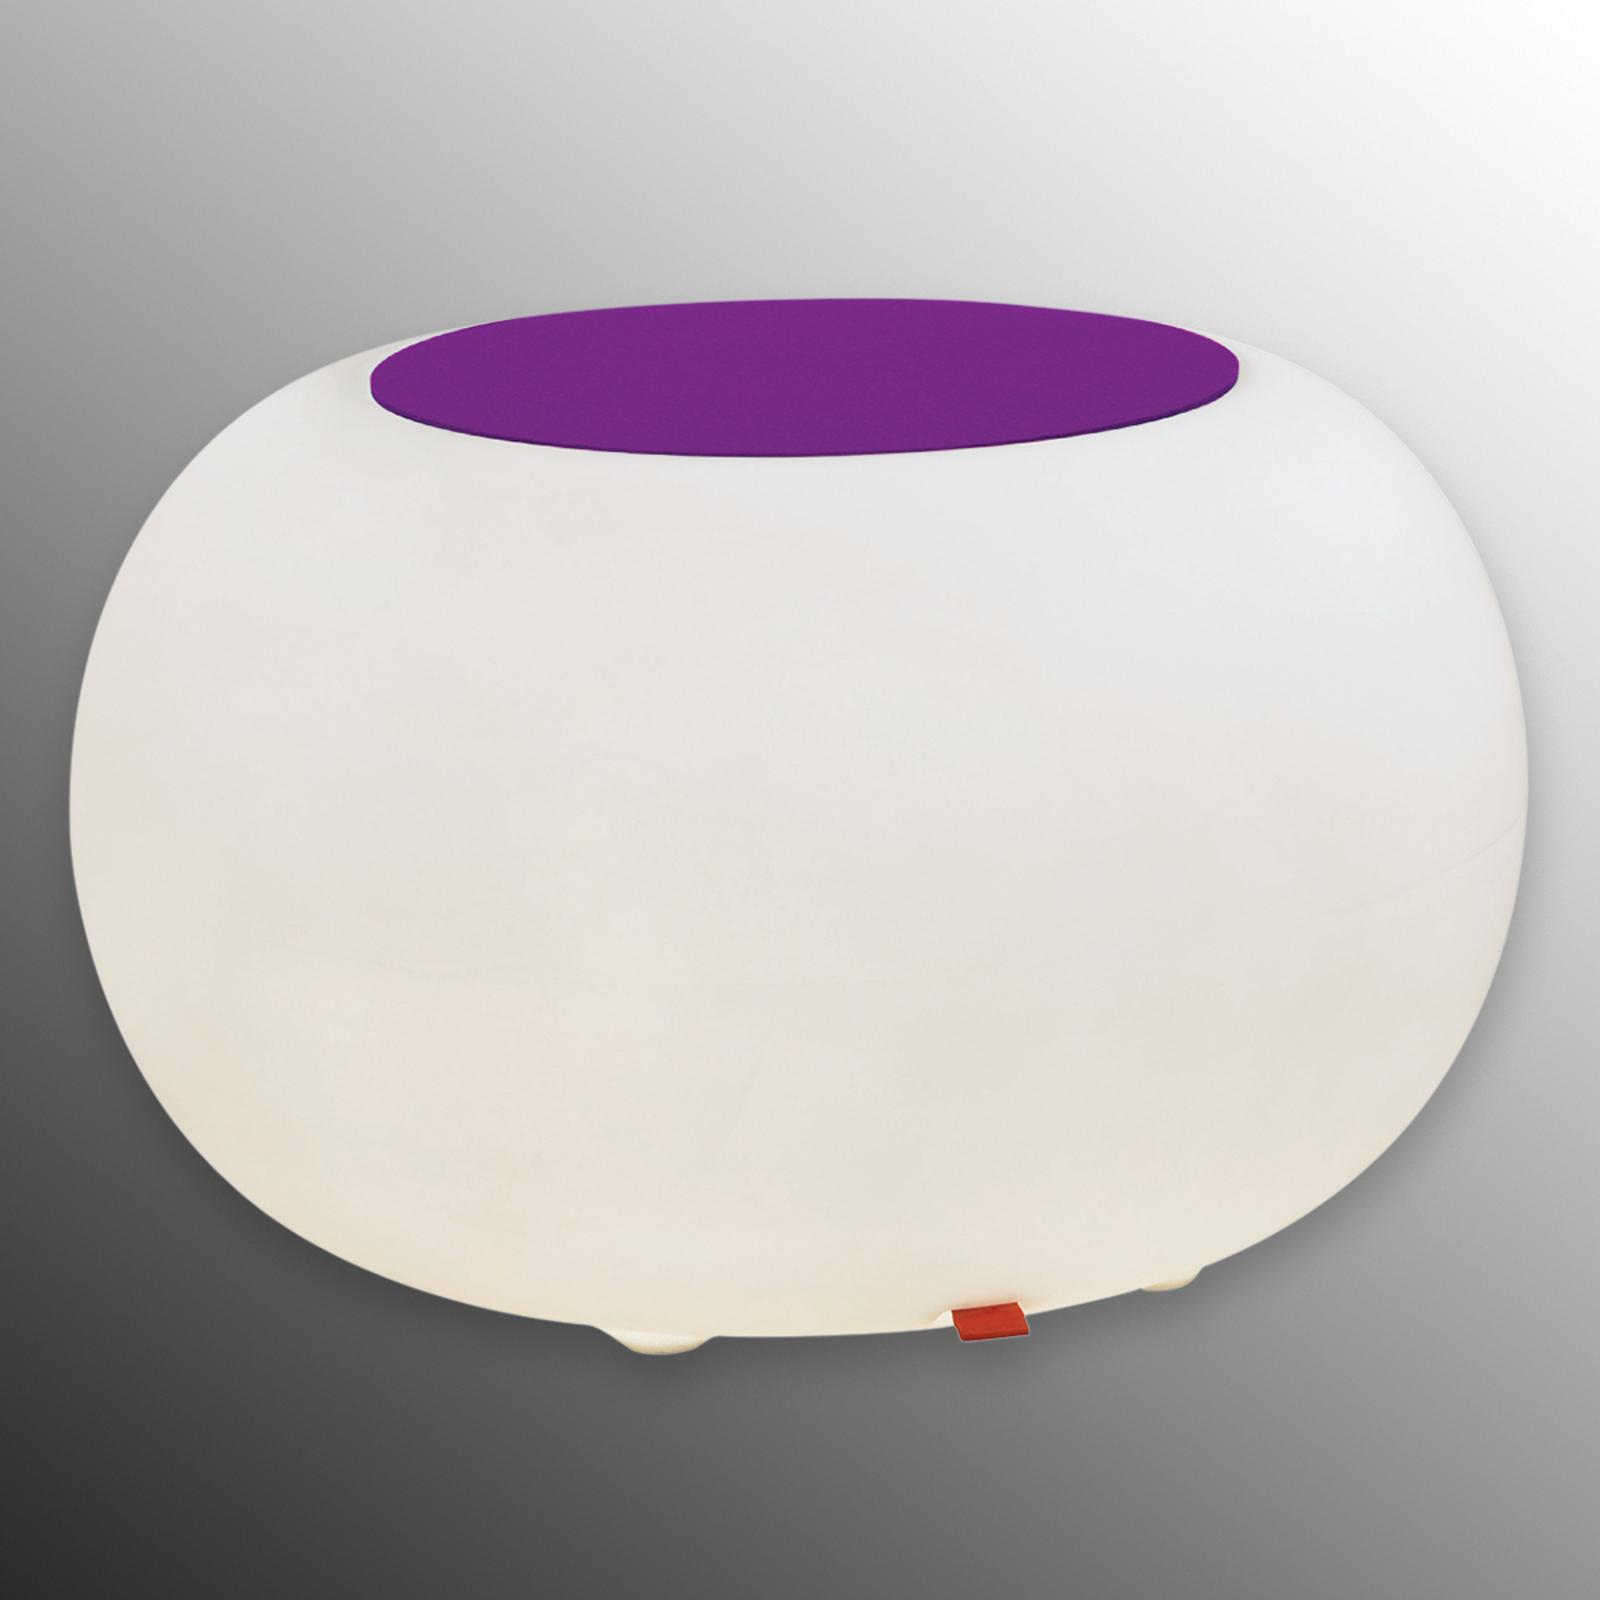 Bubble LED ACCU Outdoor Tisch Filzauflage violett